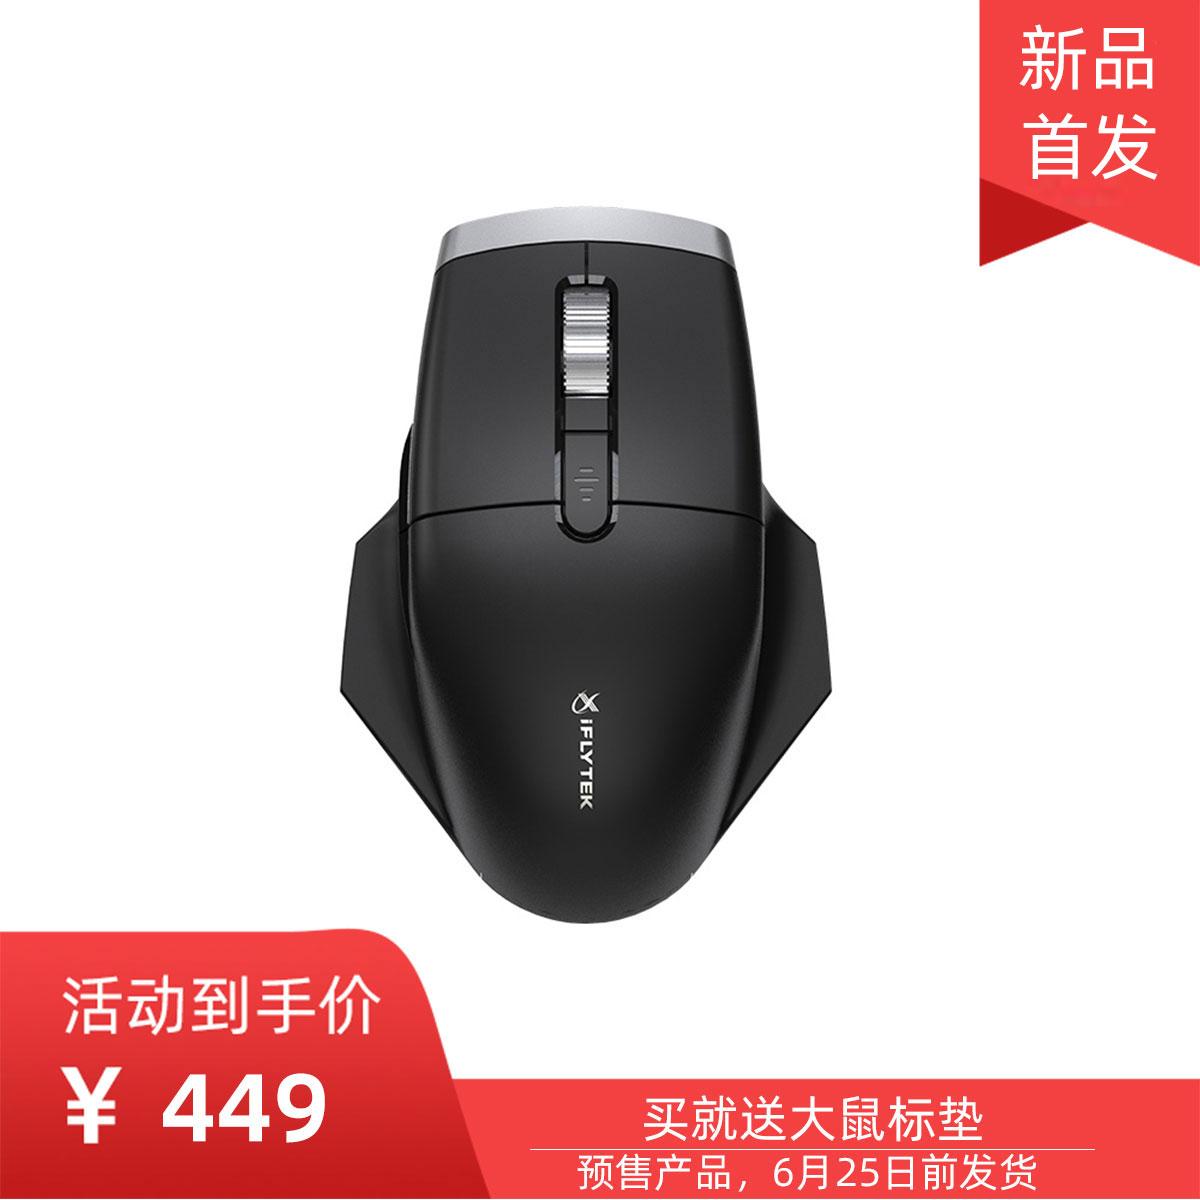 【618大促新品预售】讯飞智能鼠标M520Pro